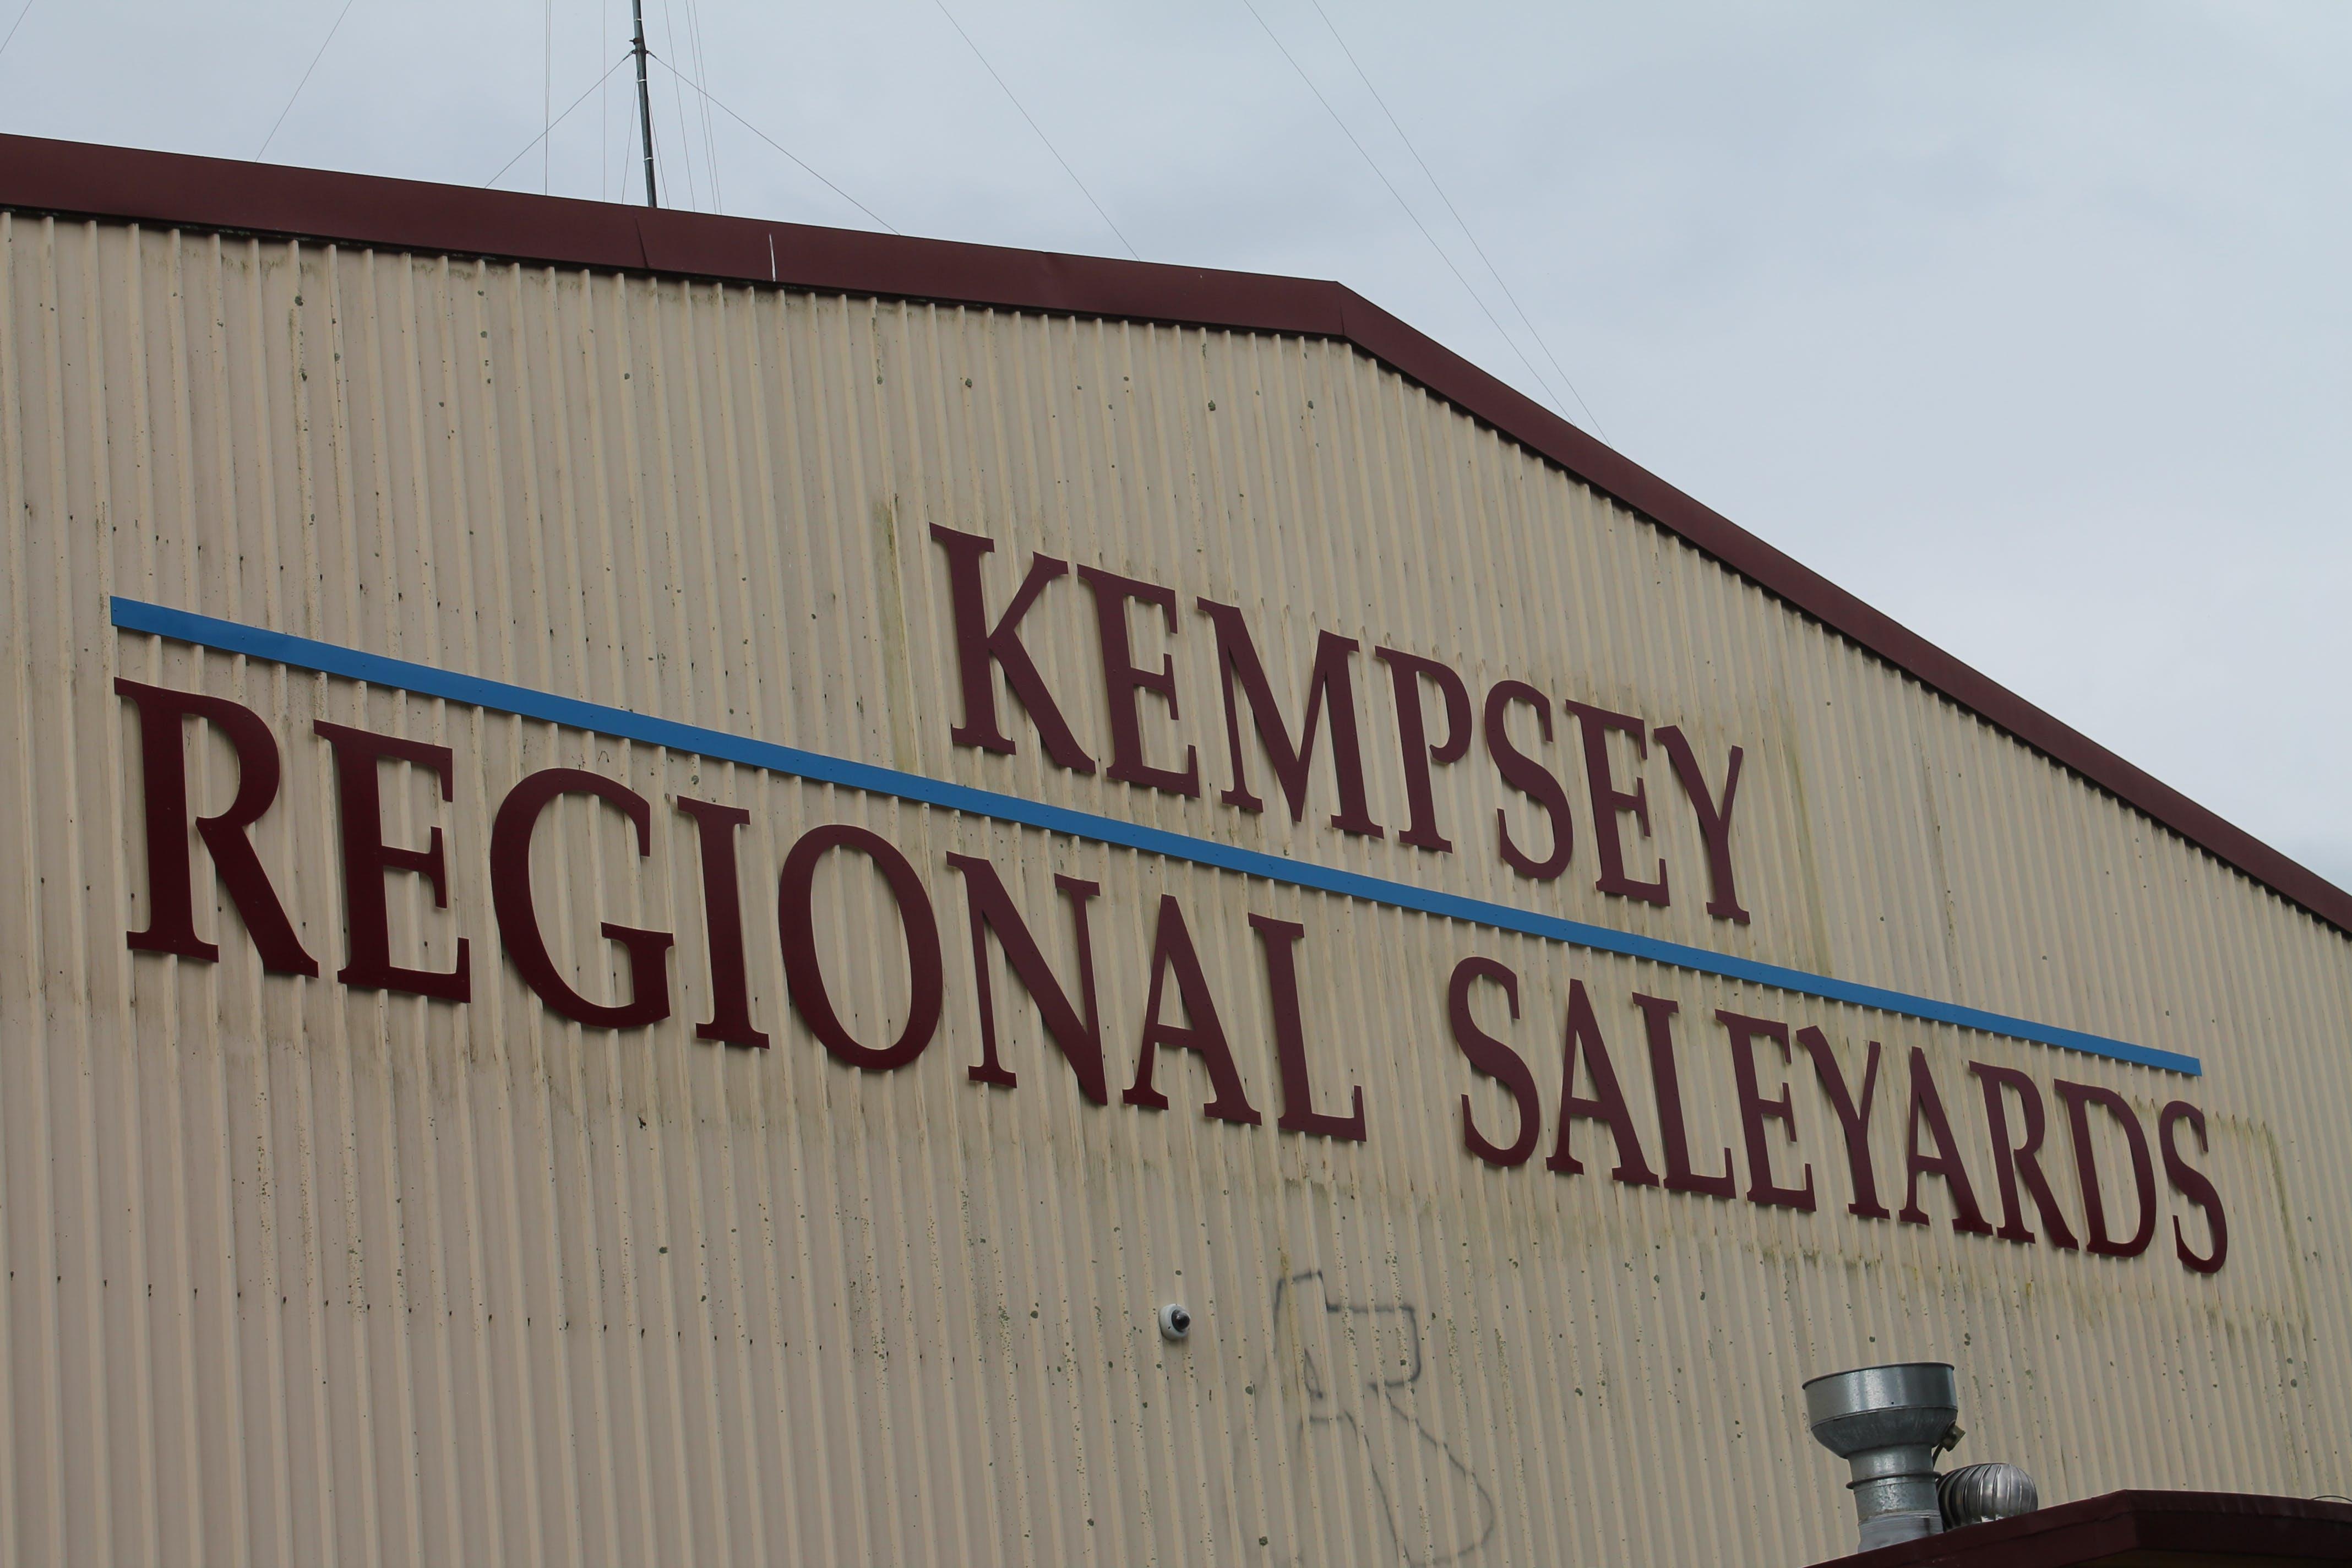 Kempsey Regional Saleyards